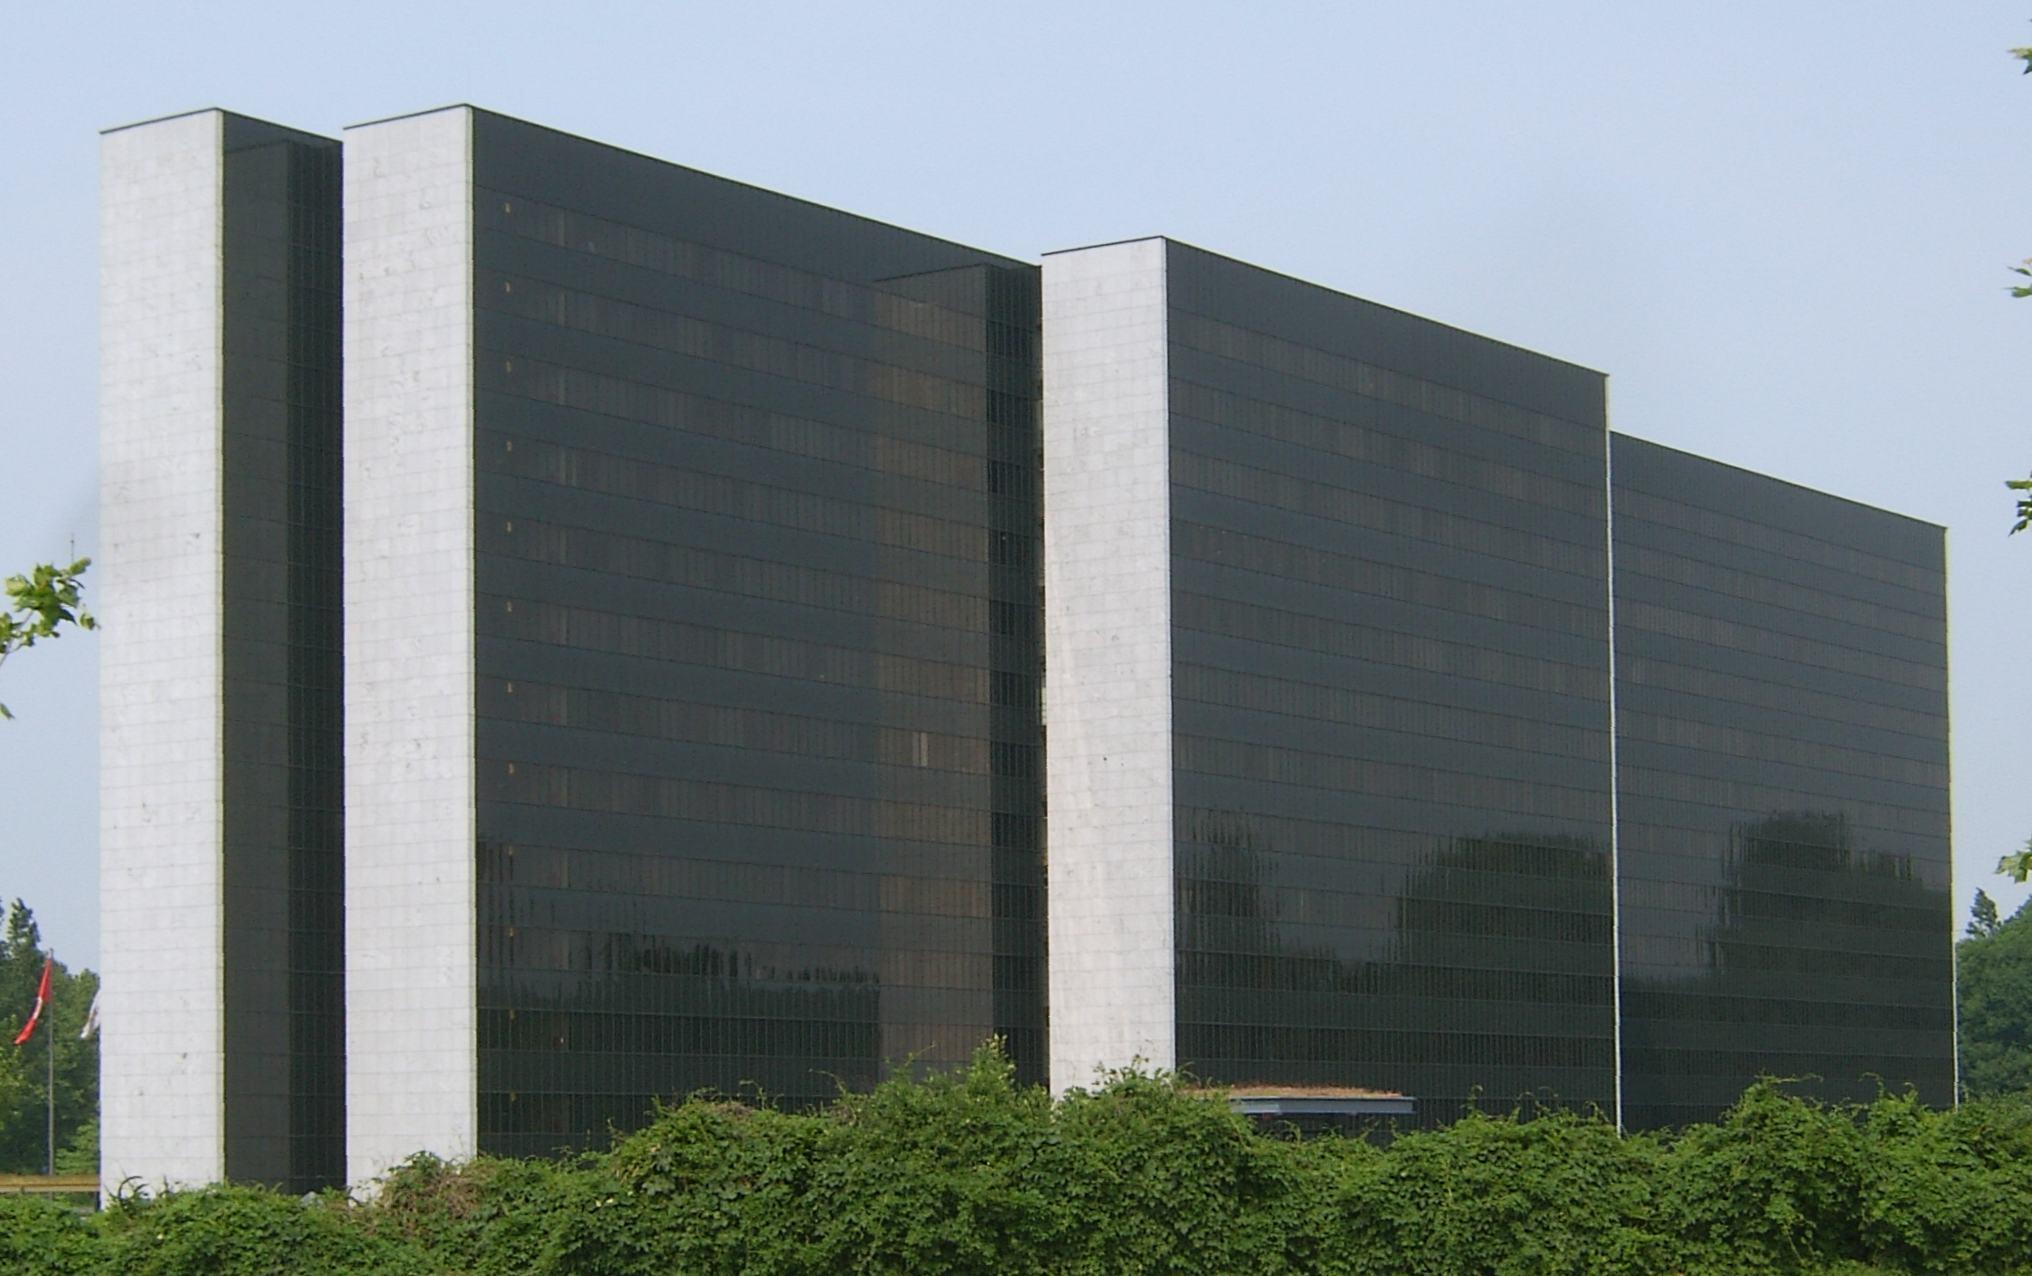 Hamburg, HEW-Zentrale (Bild: Staro1, GFDL oder CC BY SA 3.0)